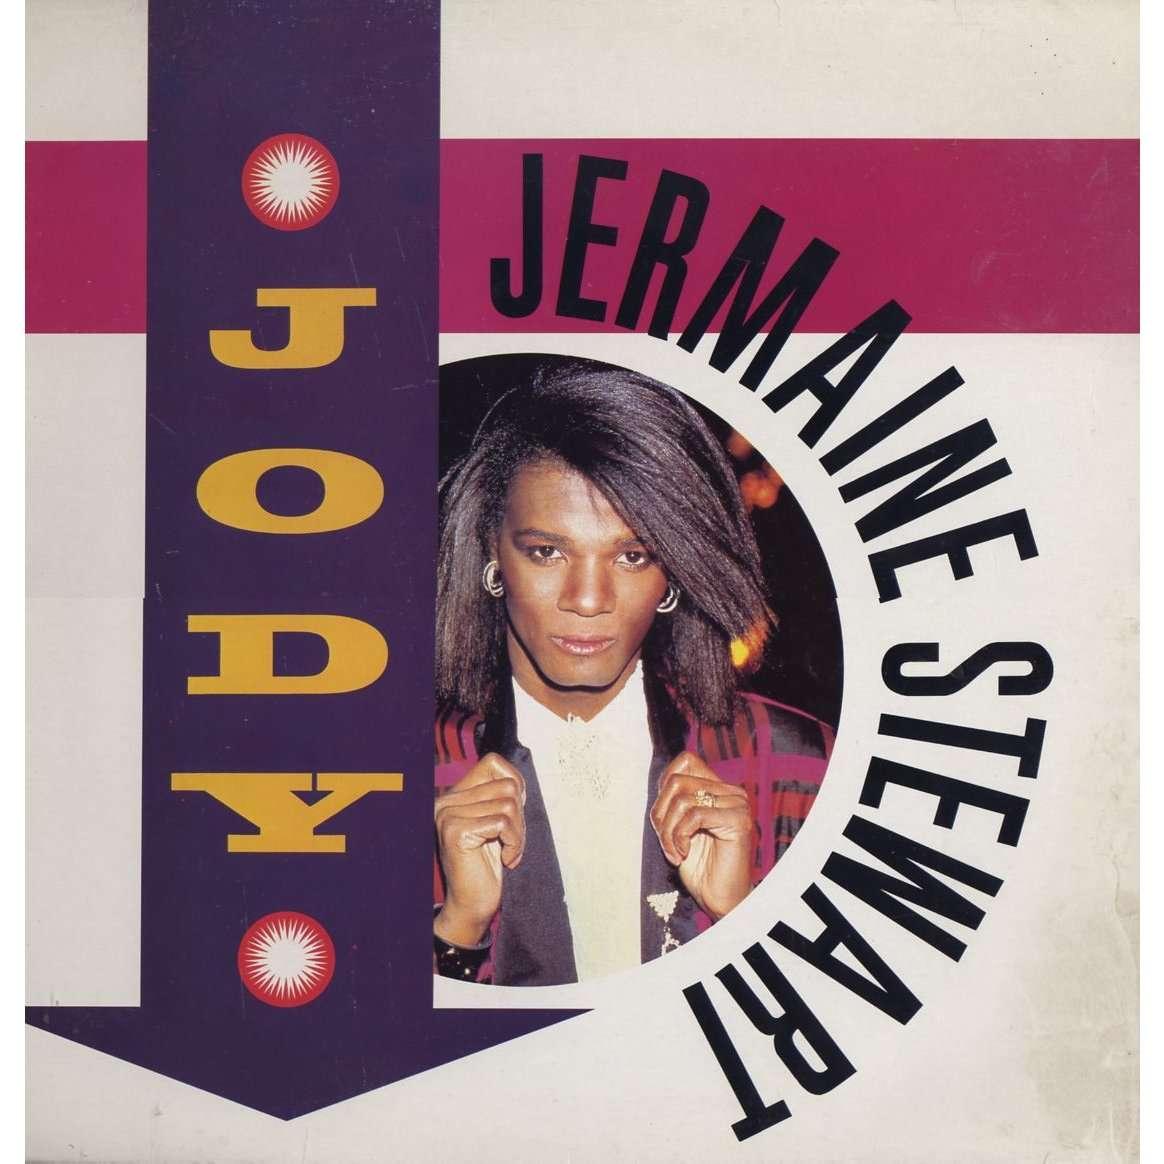 stewart, jermaine jody